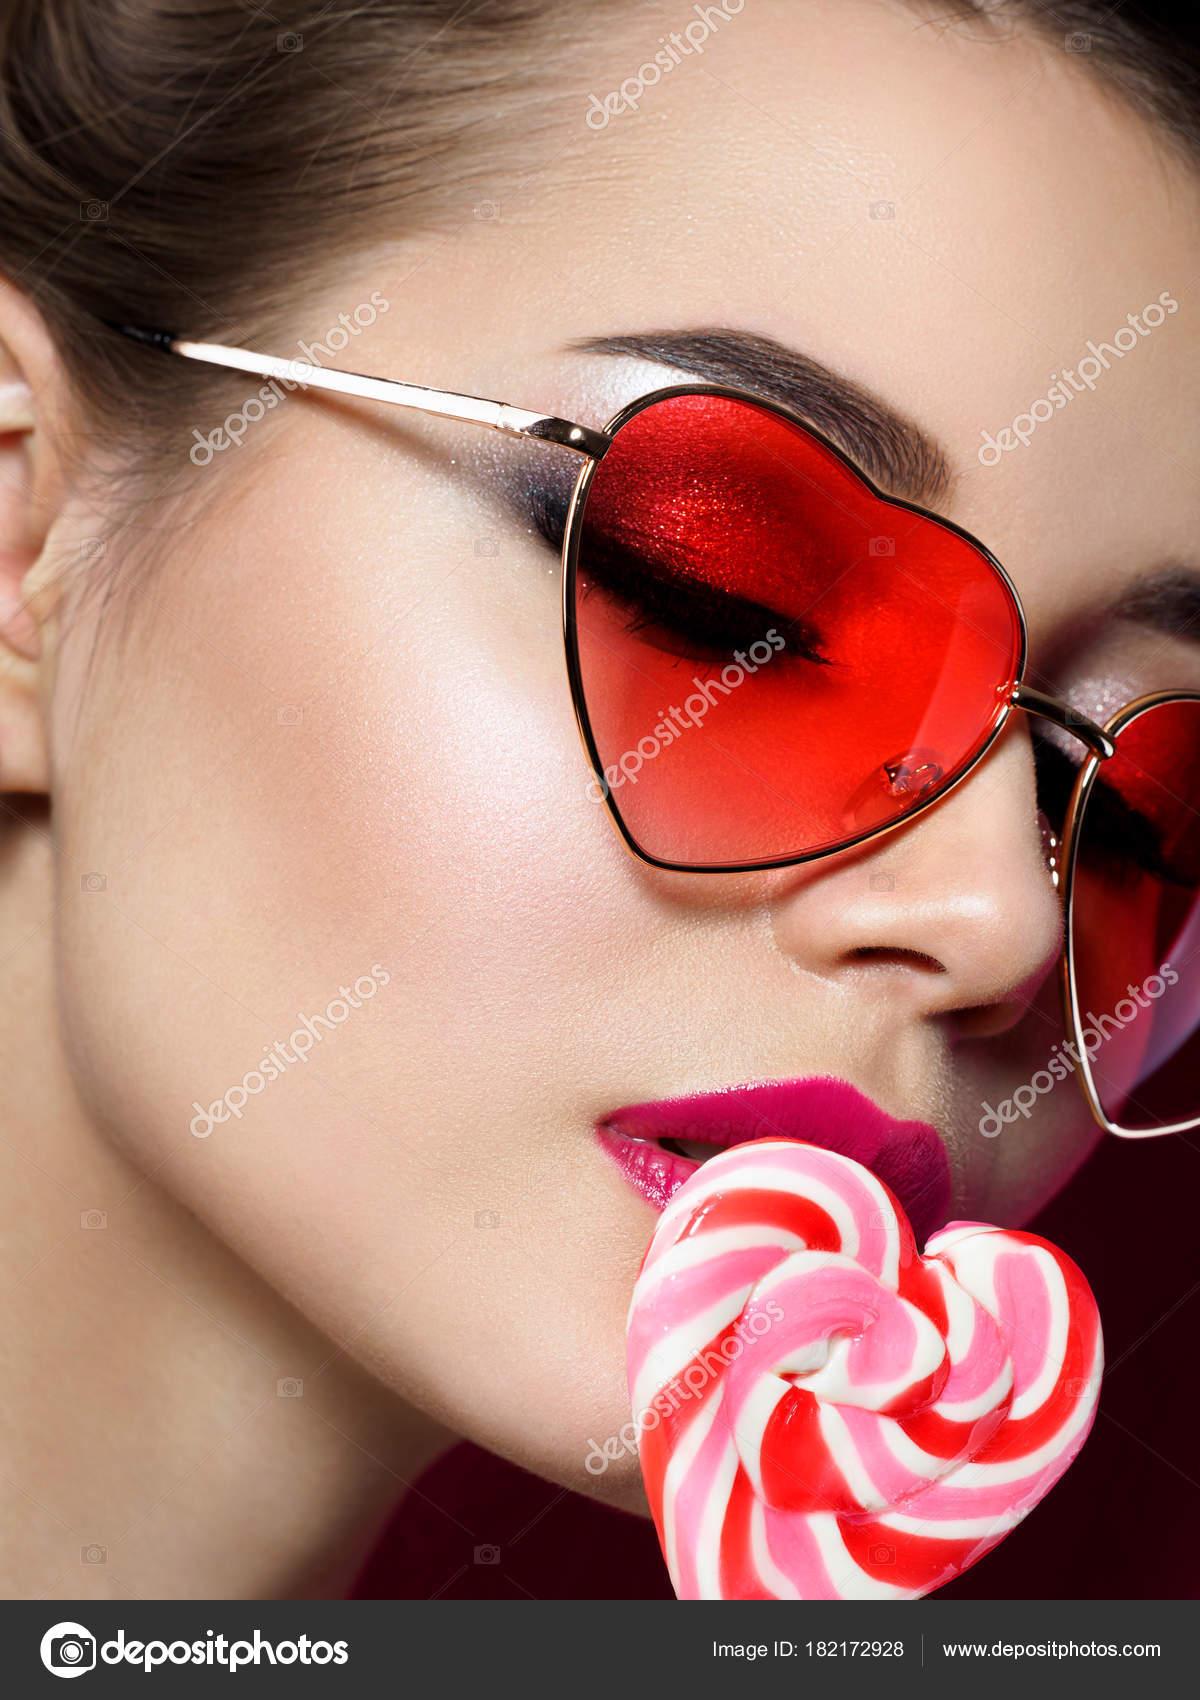 wer isst die lippen einer schönen frau